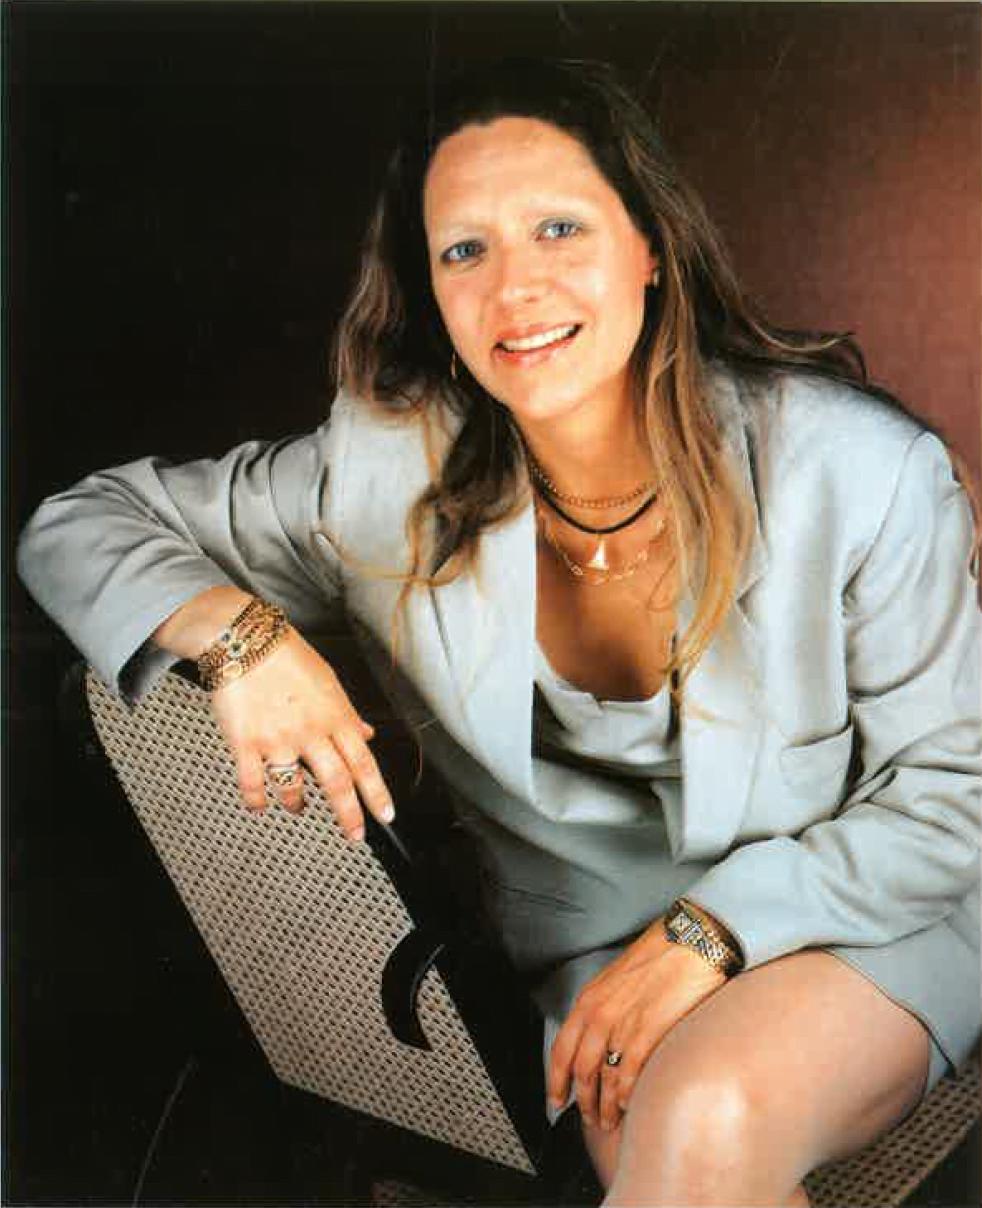 Elizabeth Trallero